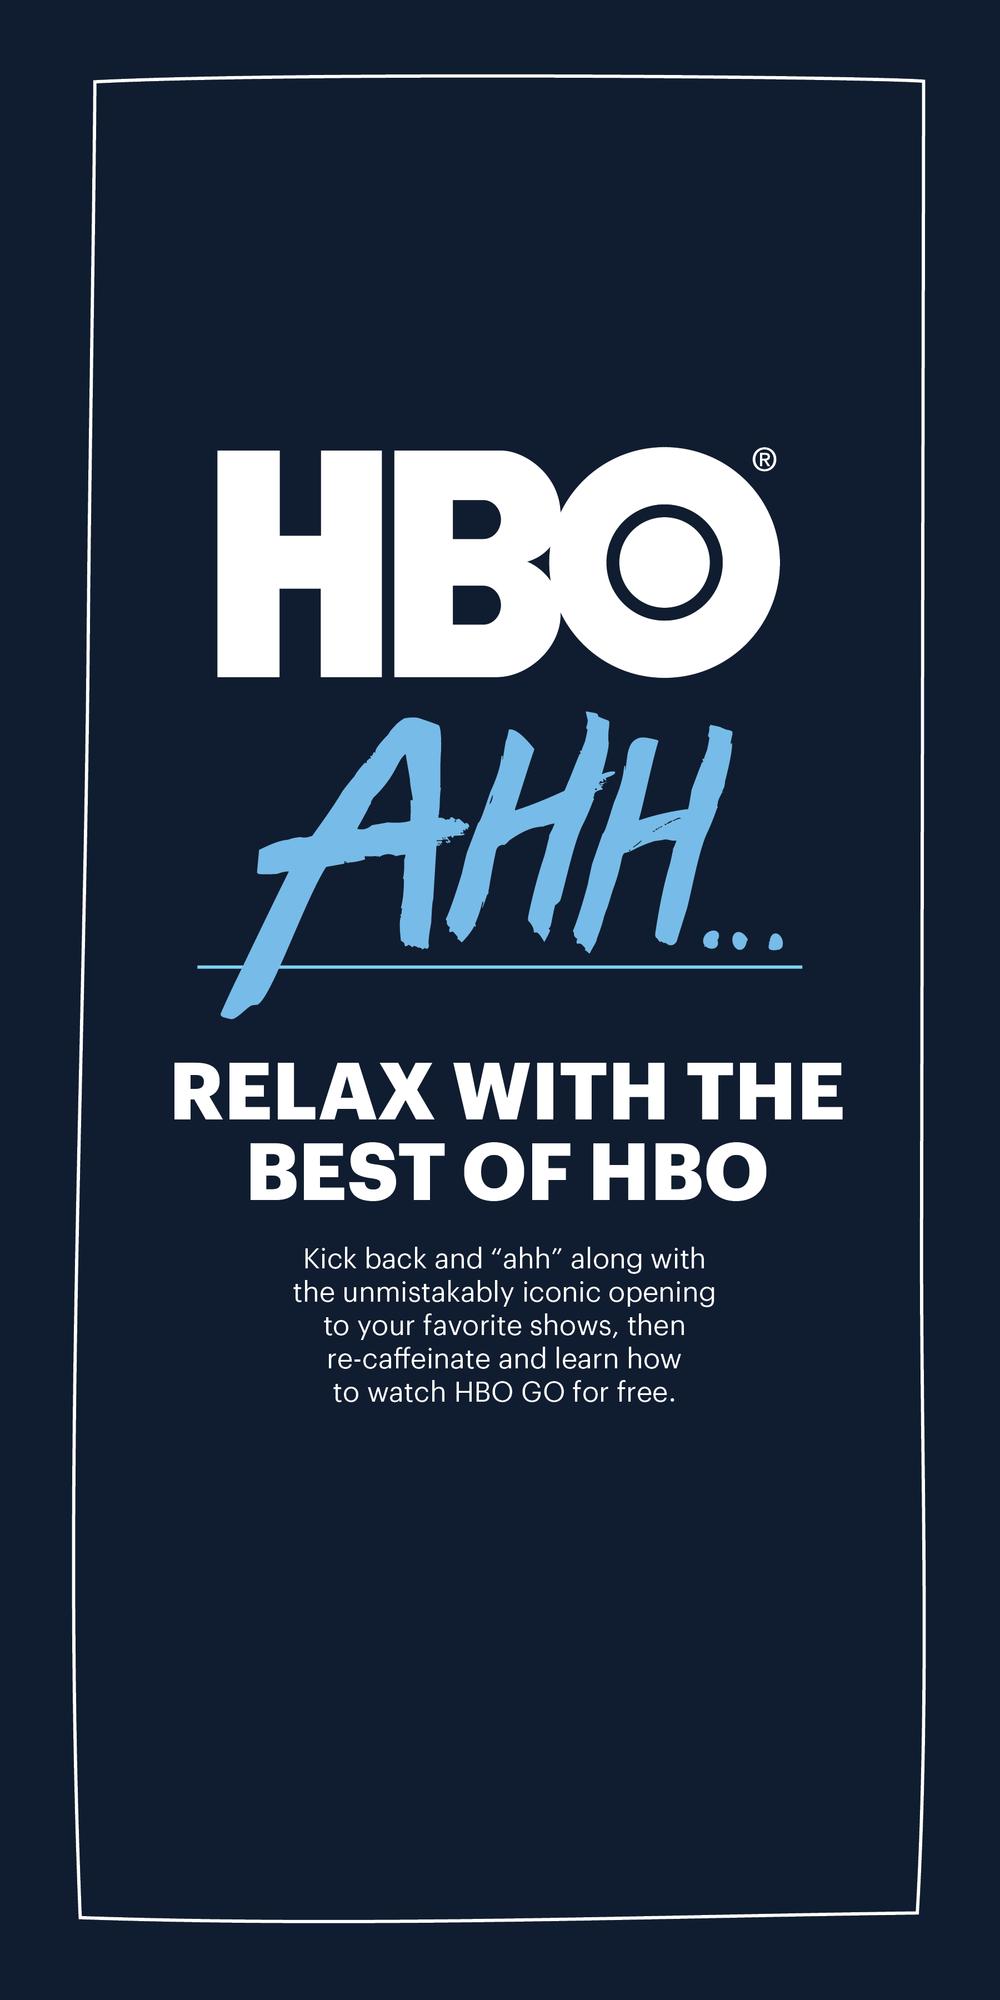 HBO_GO_WayfinderSignsTH_Final-05.png